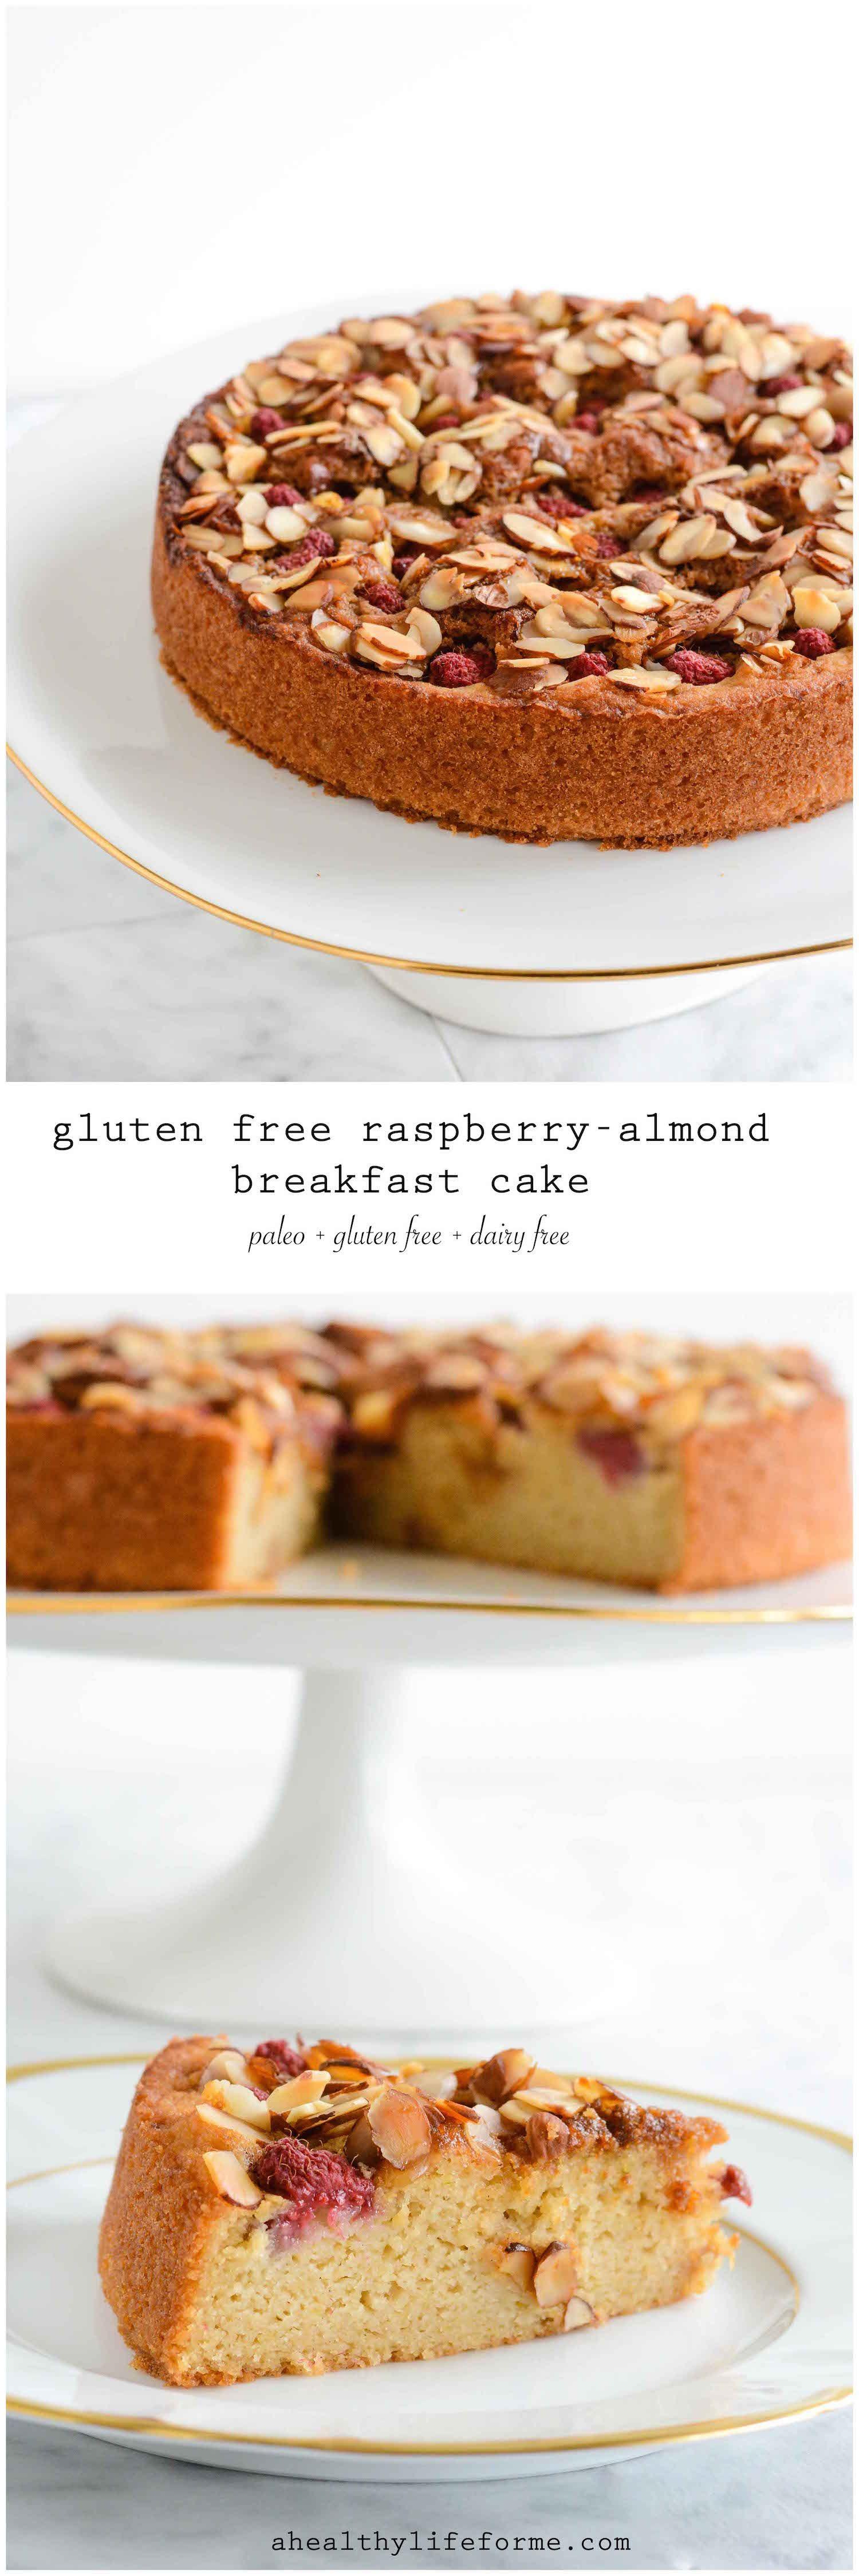 Gluten Free Raspberry Almond Breakfast Cake Breakfast cake Paleo